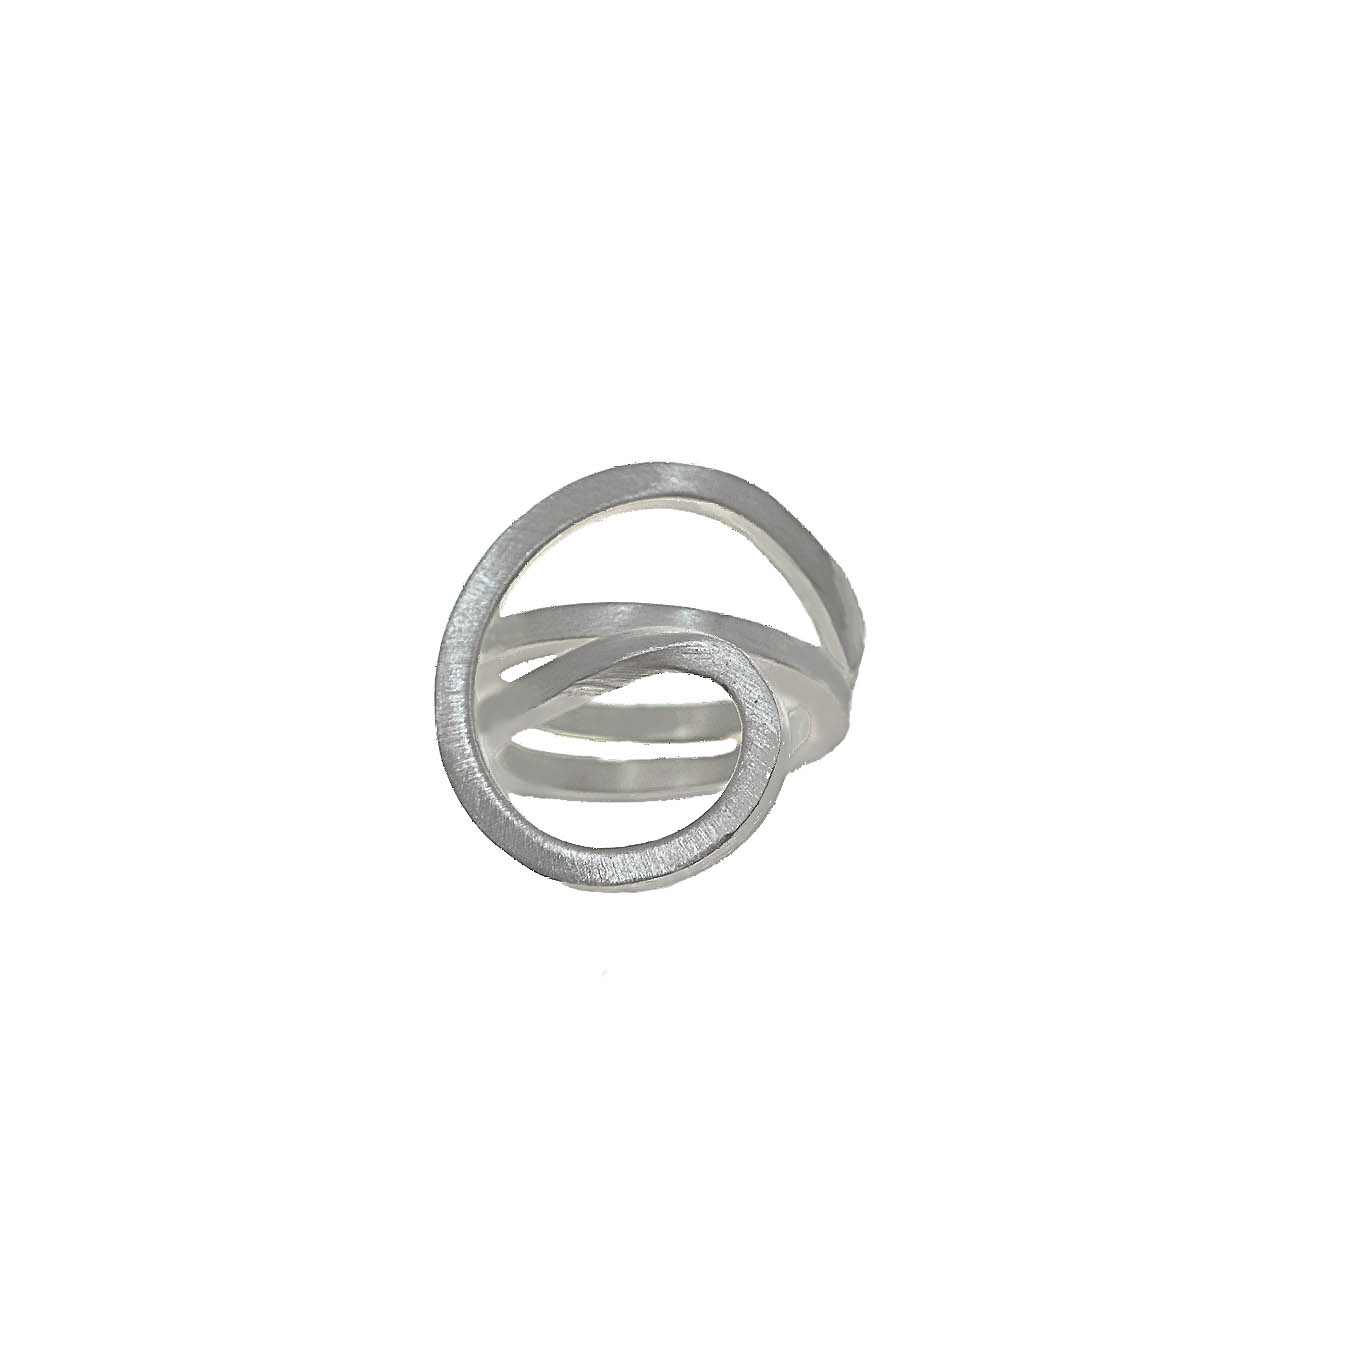 Tezer Spiral Floss Ring